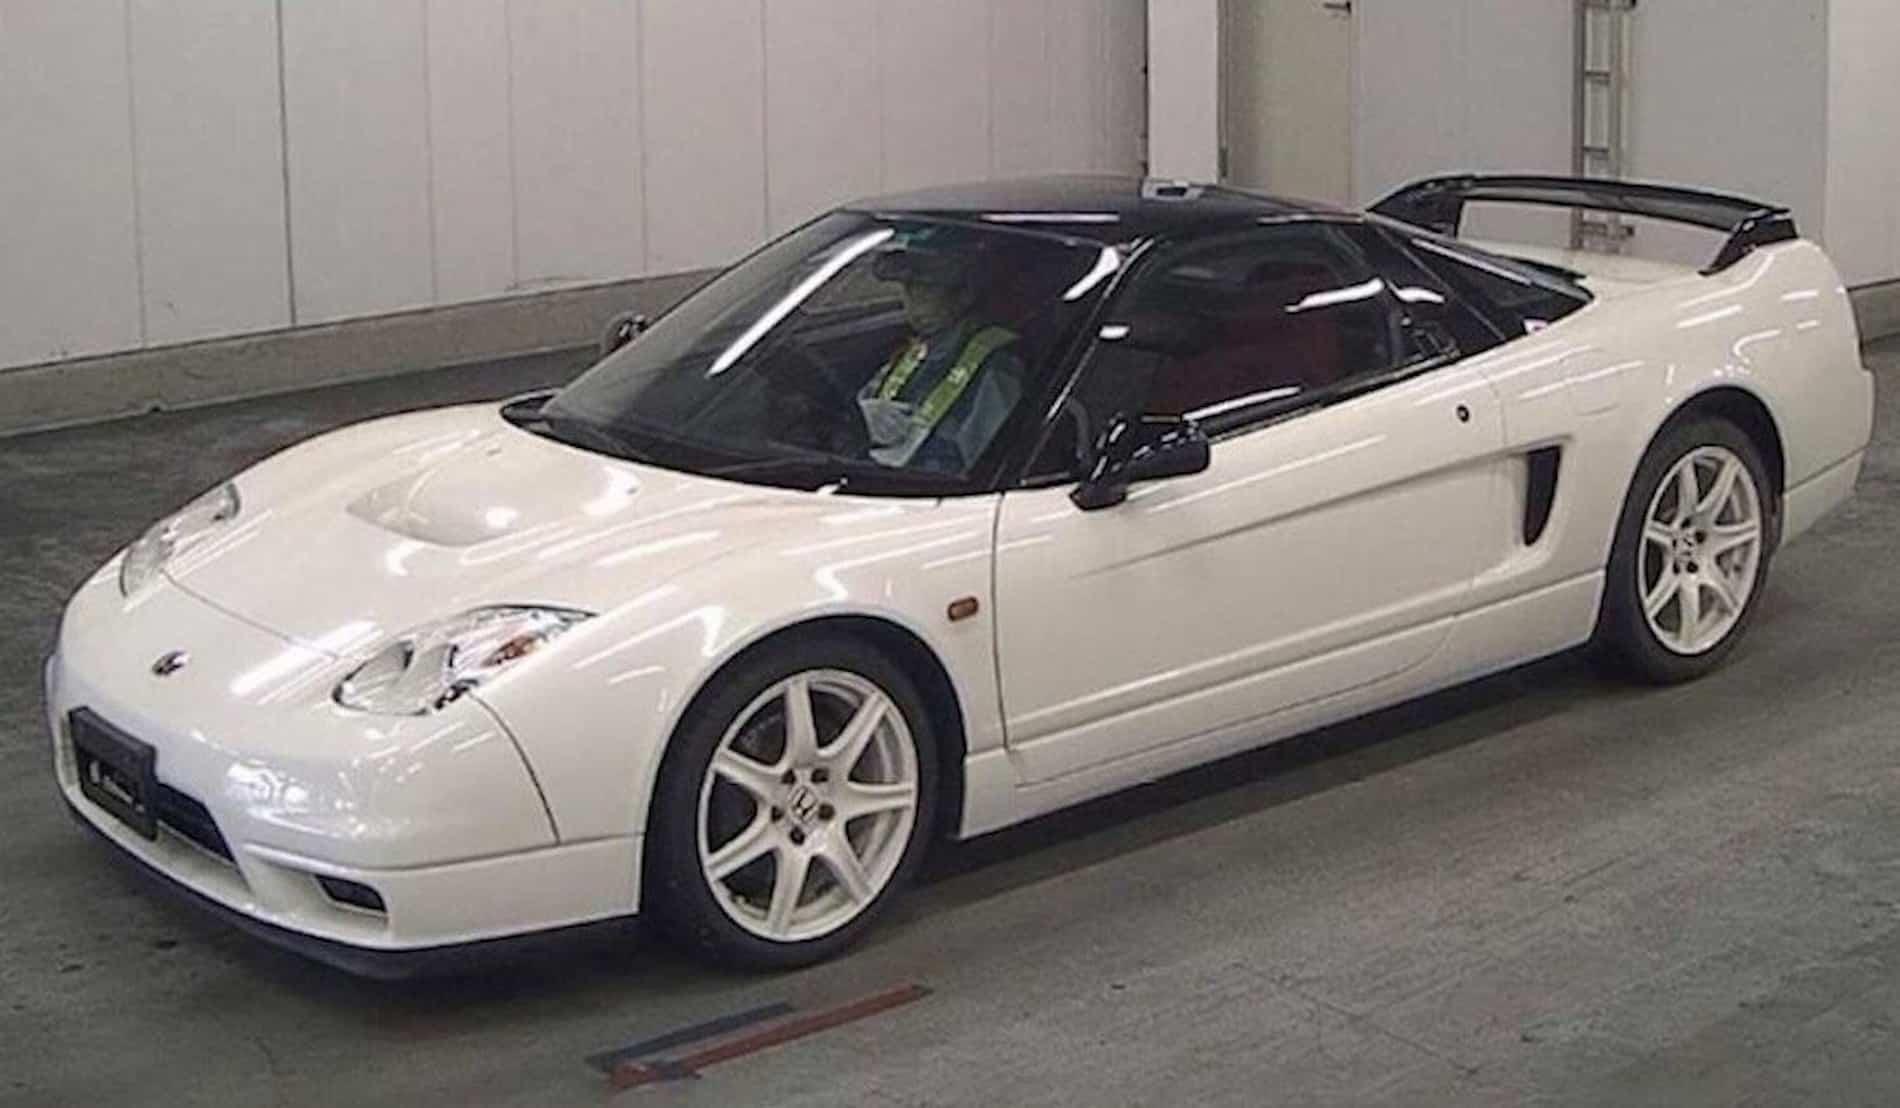 Культовые японские машины дорожают всё сильнее. В конце этой недели в Великобритании на торги выставят уникальный спорткар Honda NSX-R: начальная стоимость – 408 тысяч долларов.